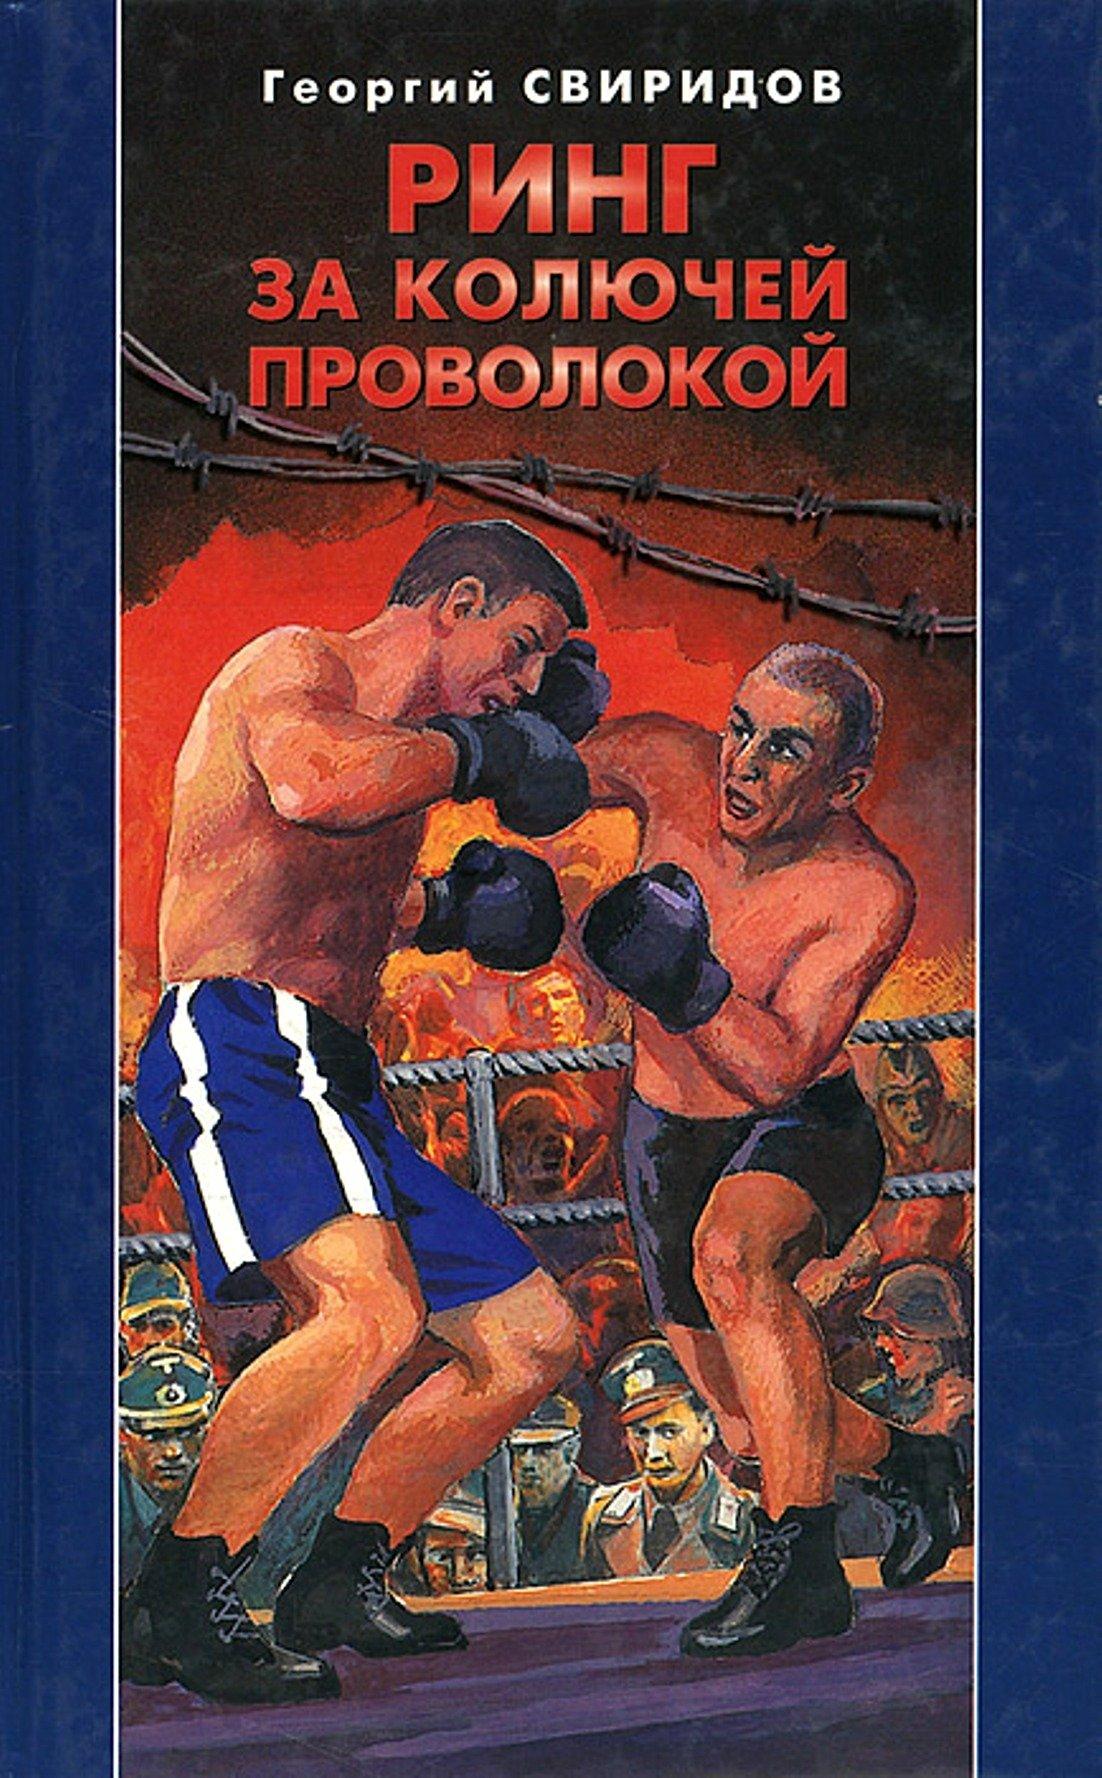 Ринг за колючей проволокой. Георгий Свиридов 003